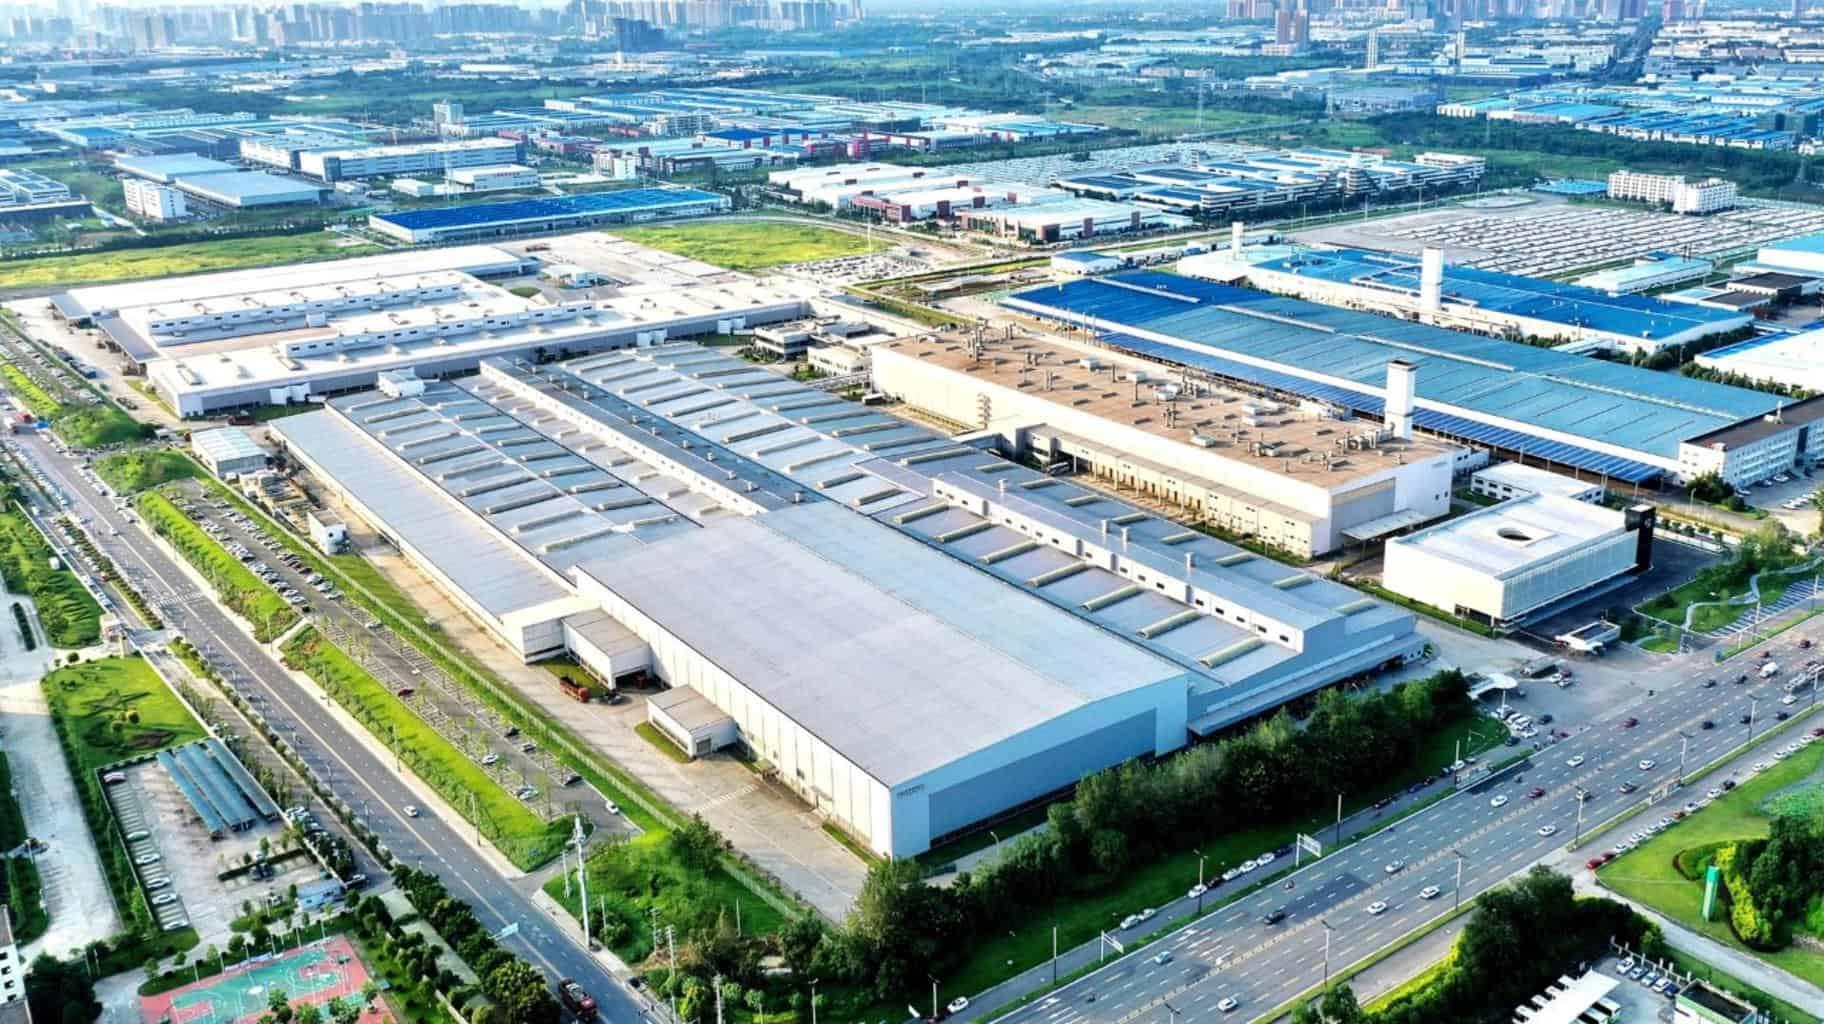 Volvo senkt im Werk Chengdu die CO2-Belastung um 11.000 Tonnen pro Jahr